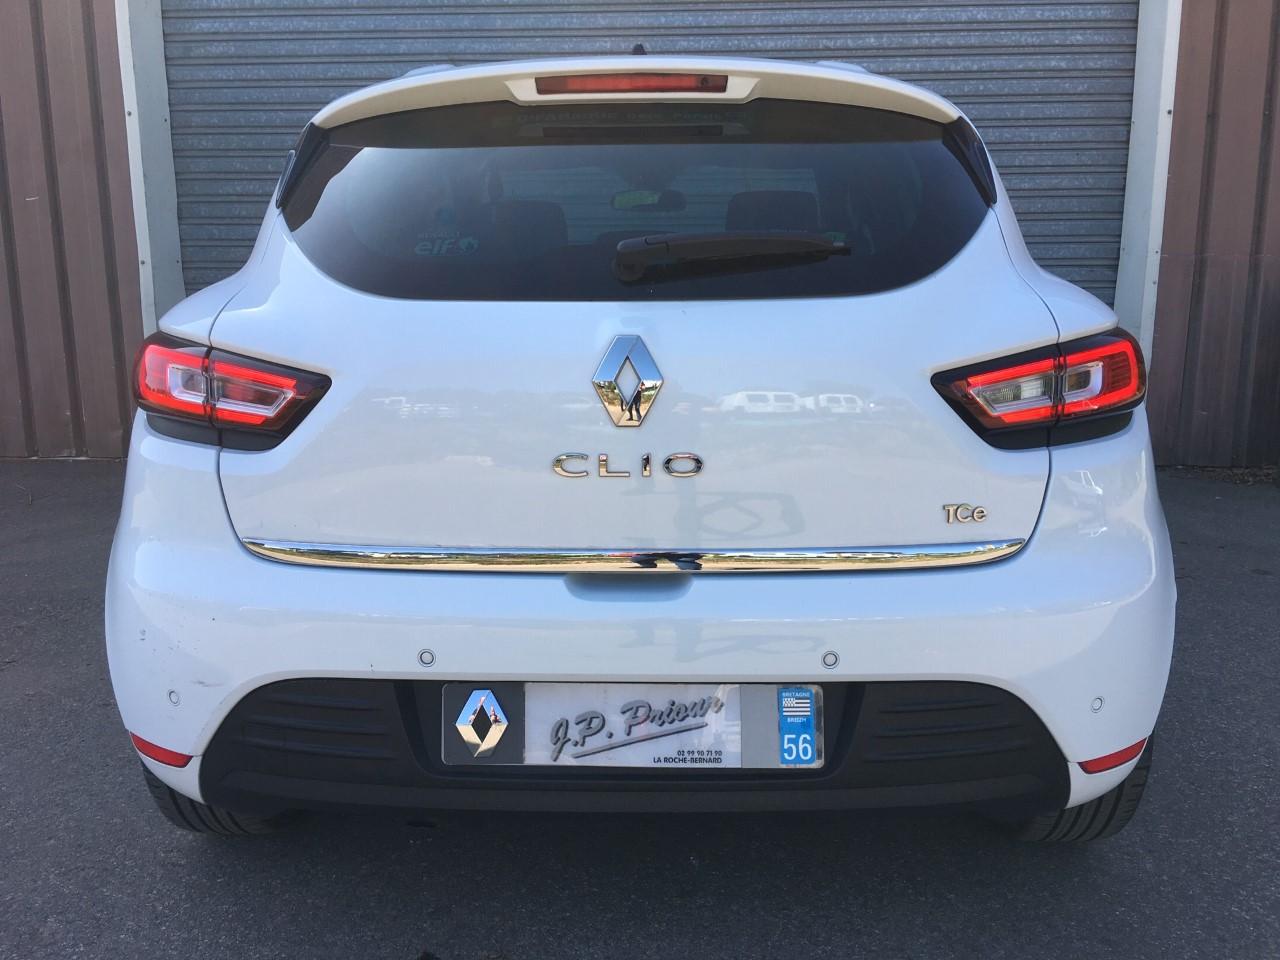 EXTERIEUR ARRIERE CLIO IV.jpg